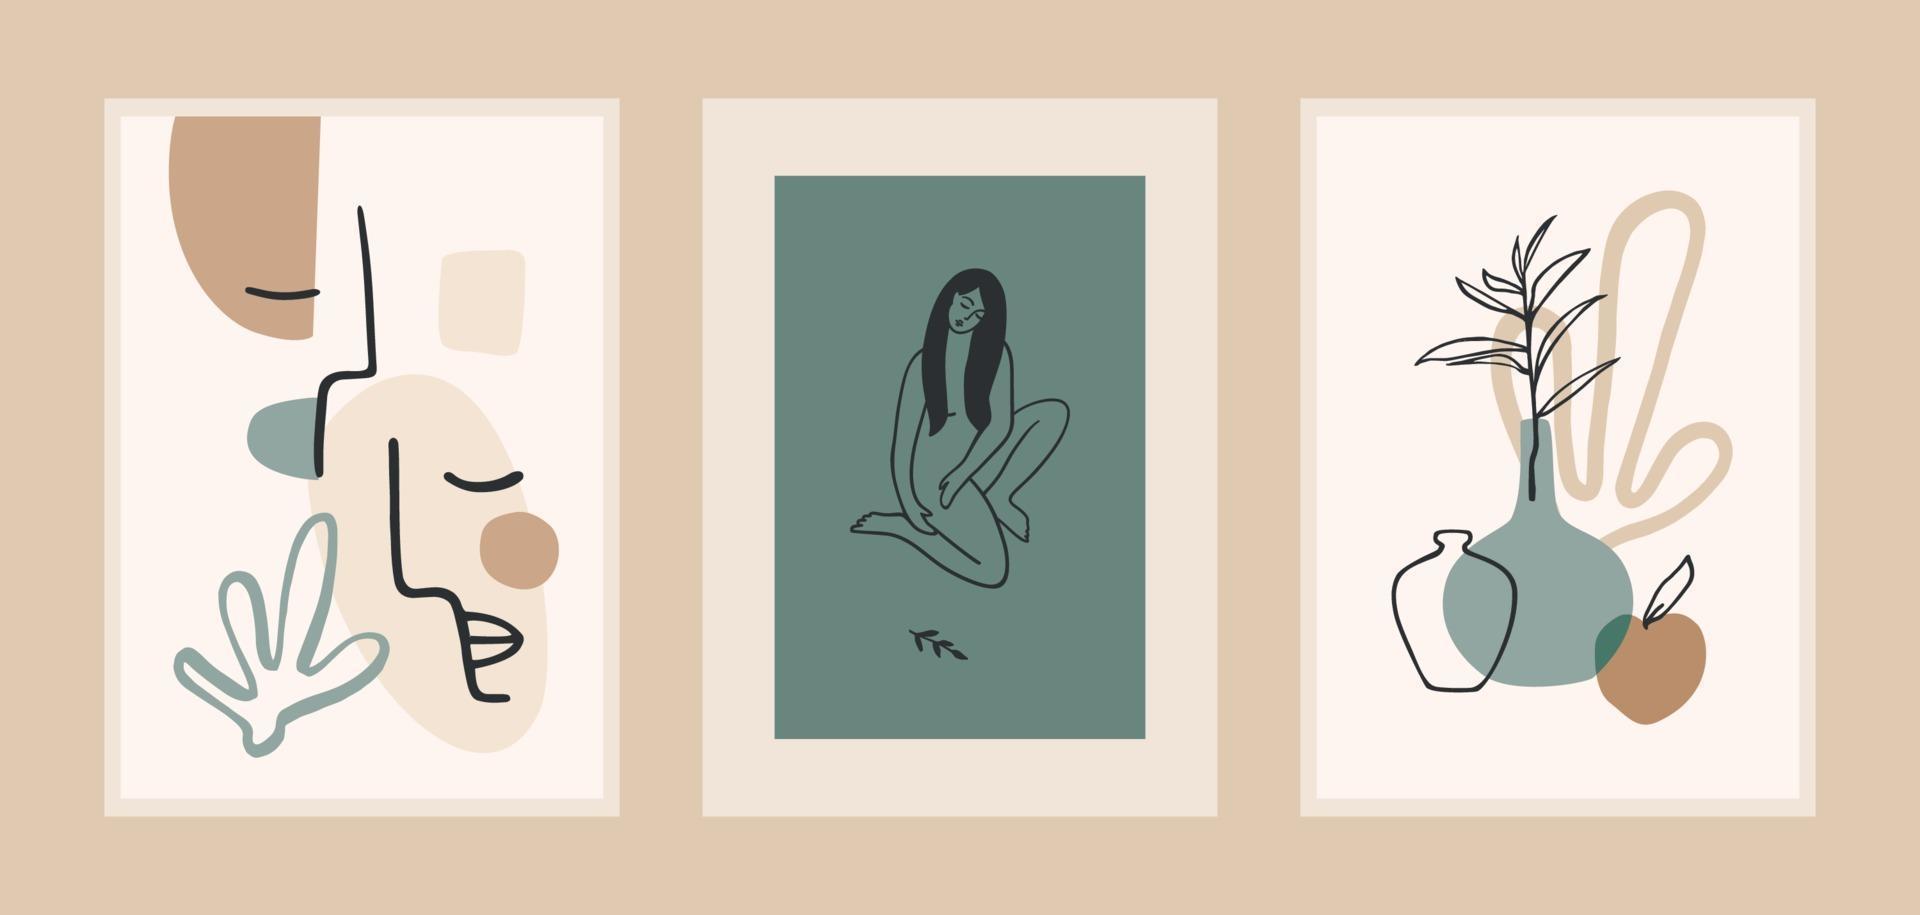 conjunto de grabados de arte contemporáneo. arte lineal. diseño vectorial moderno para carteles, tarjetas, envases y más vector